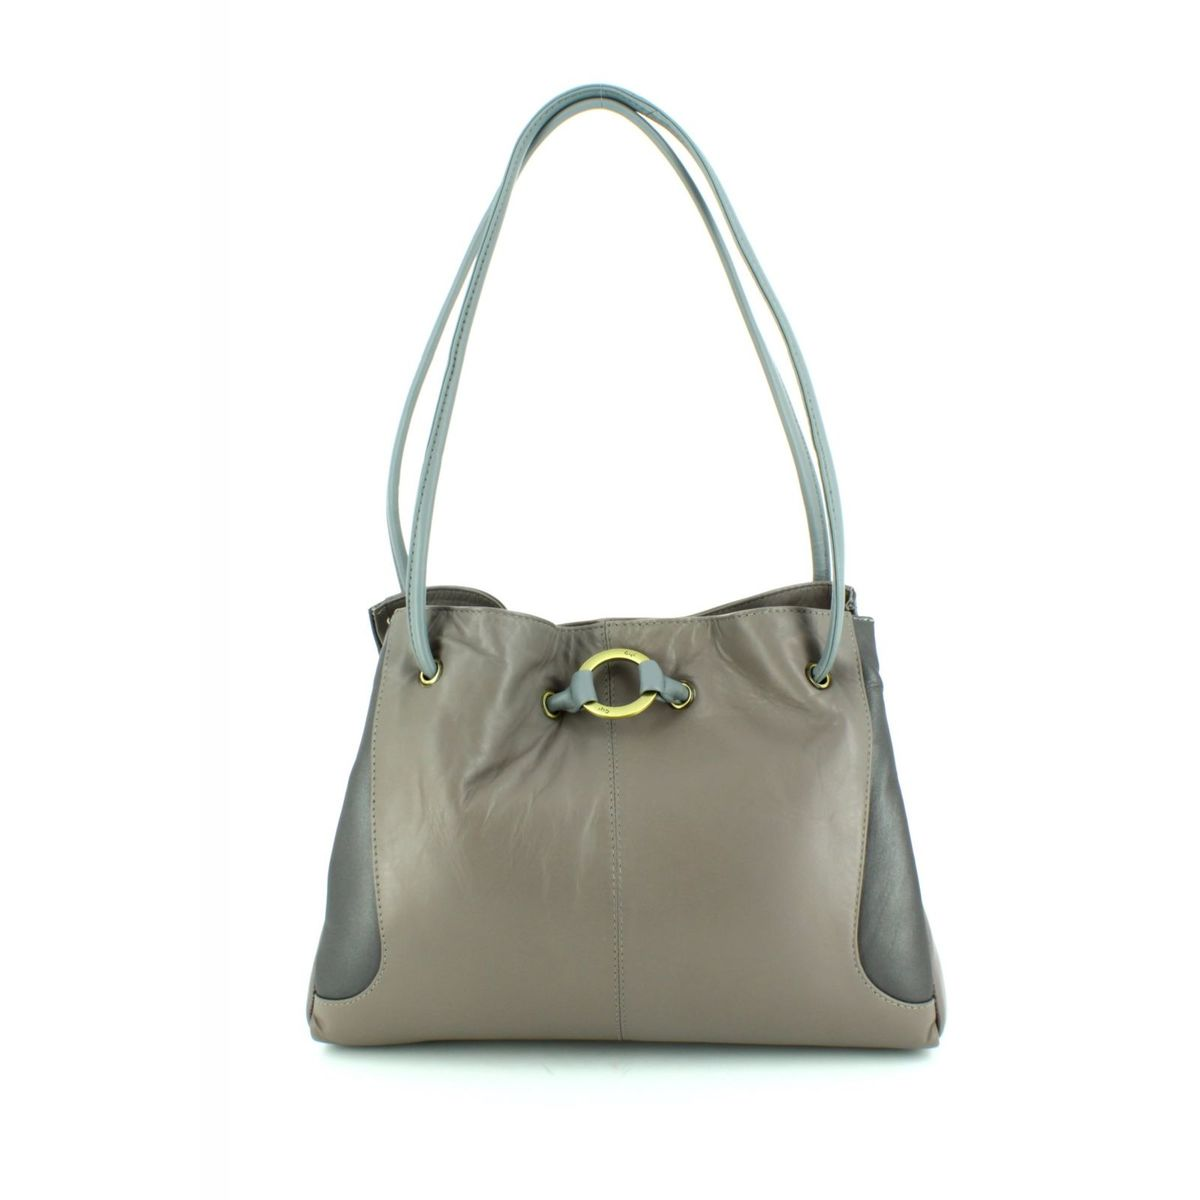 Gigi Handbag Grey Multi 9134 00